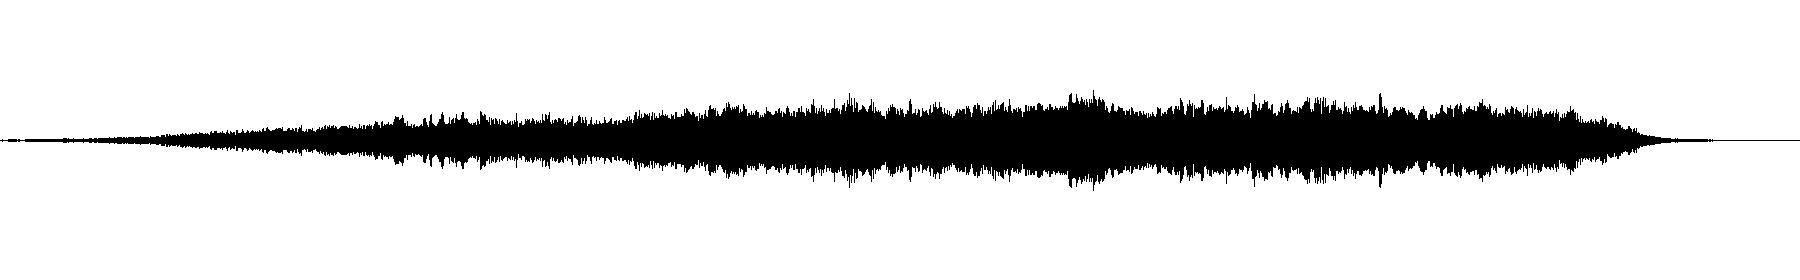 str glissoct 04 xs